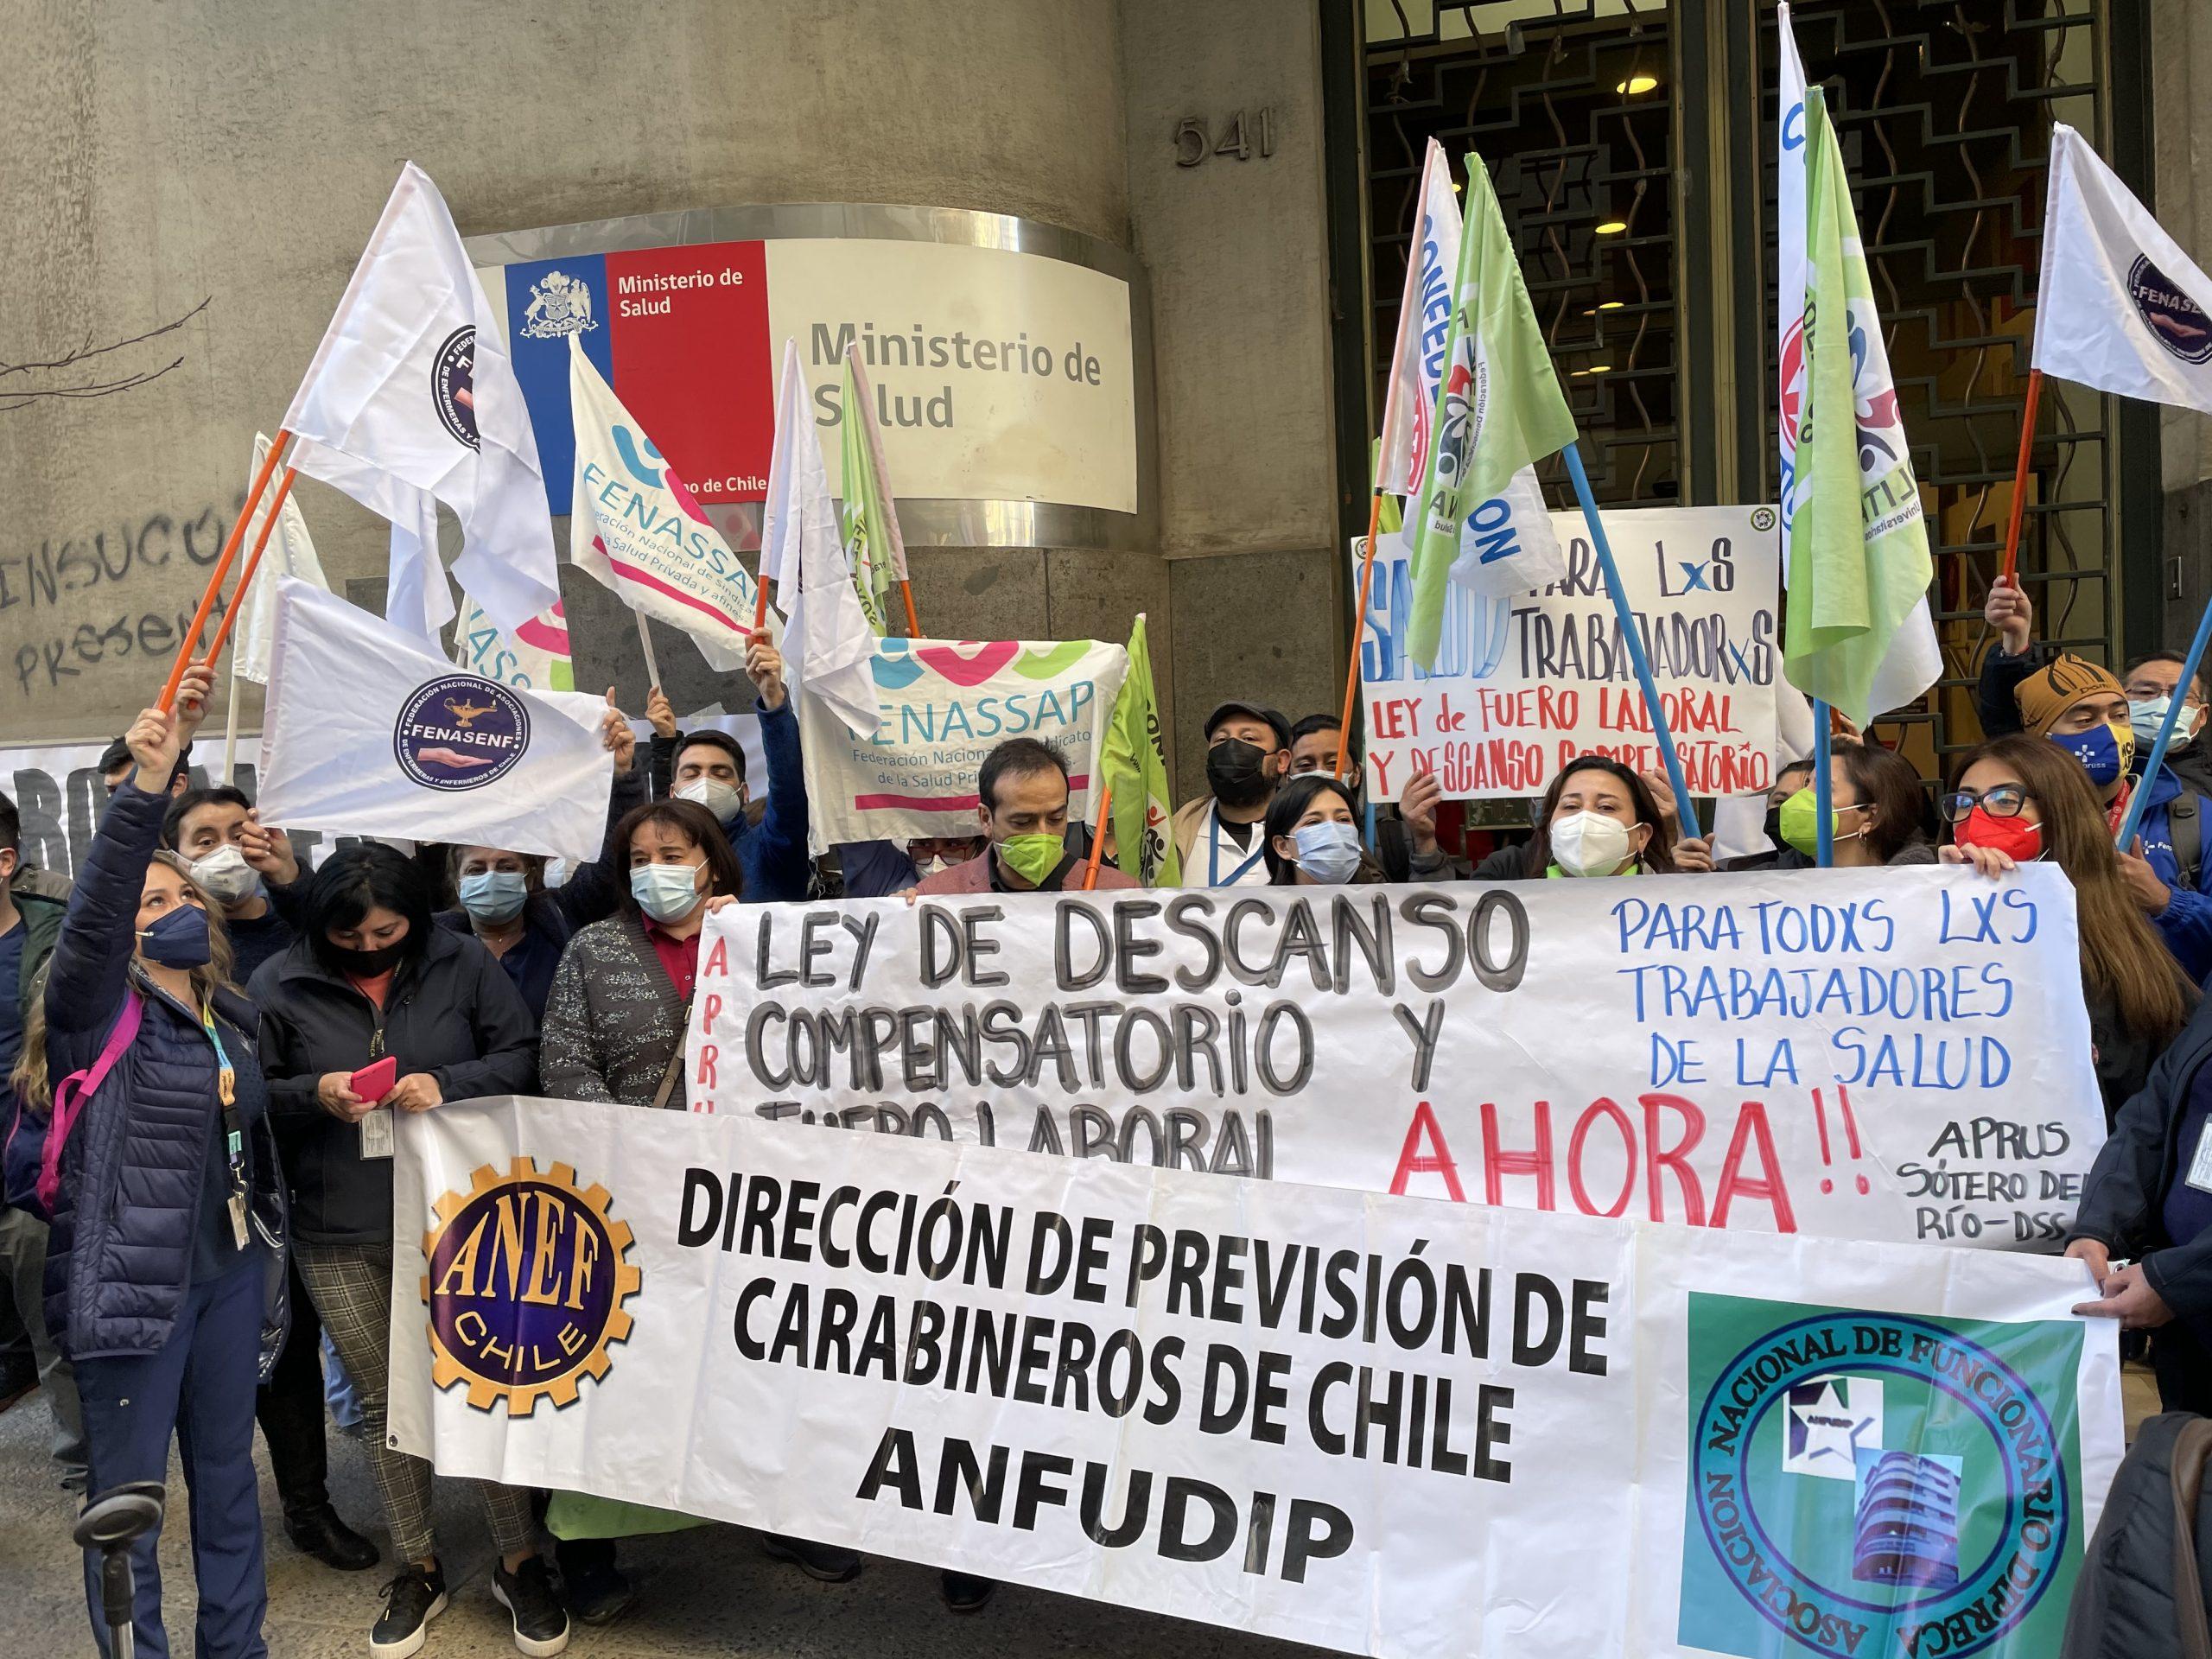 Trabajadores de la Salud exigen urgencia al proyecto de fuero laboral y descanso compensatorio: No descartan movilizaciones